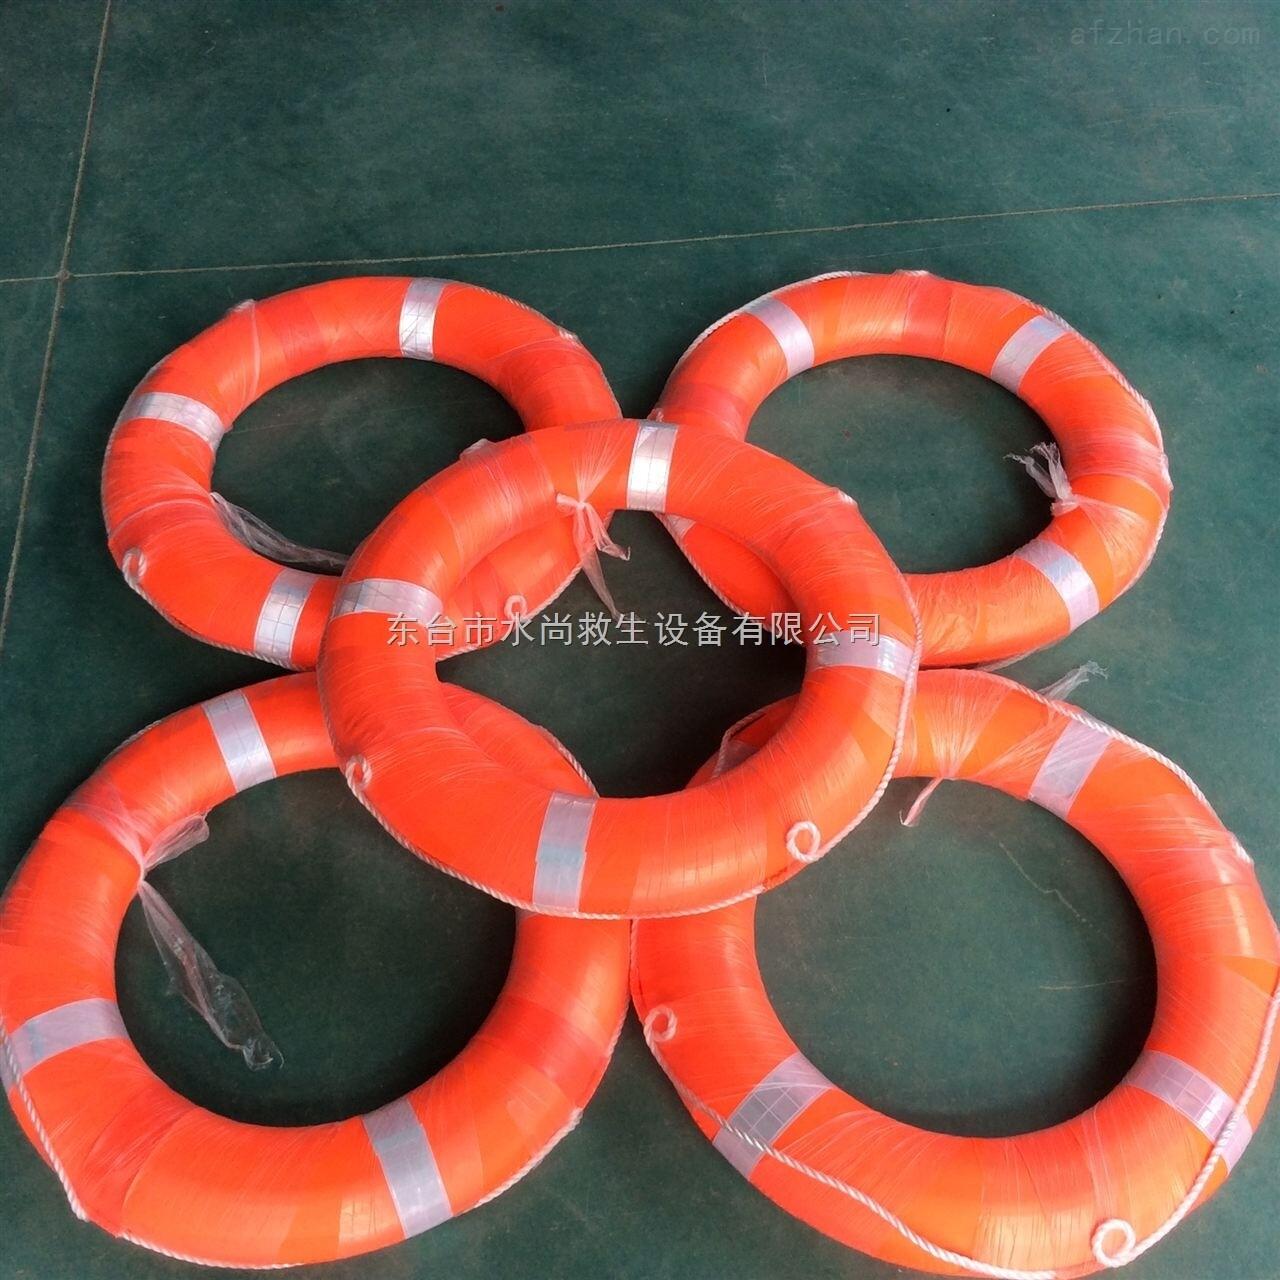 成人船用救生圈